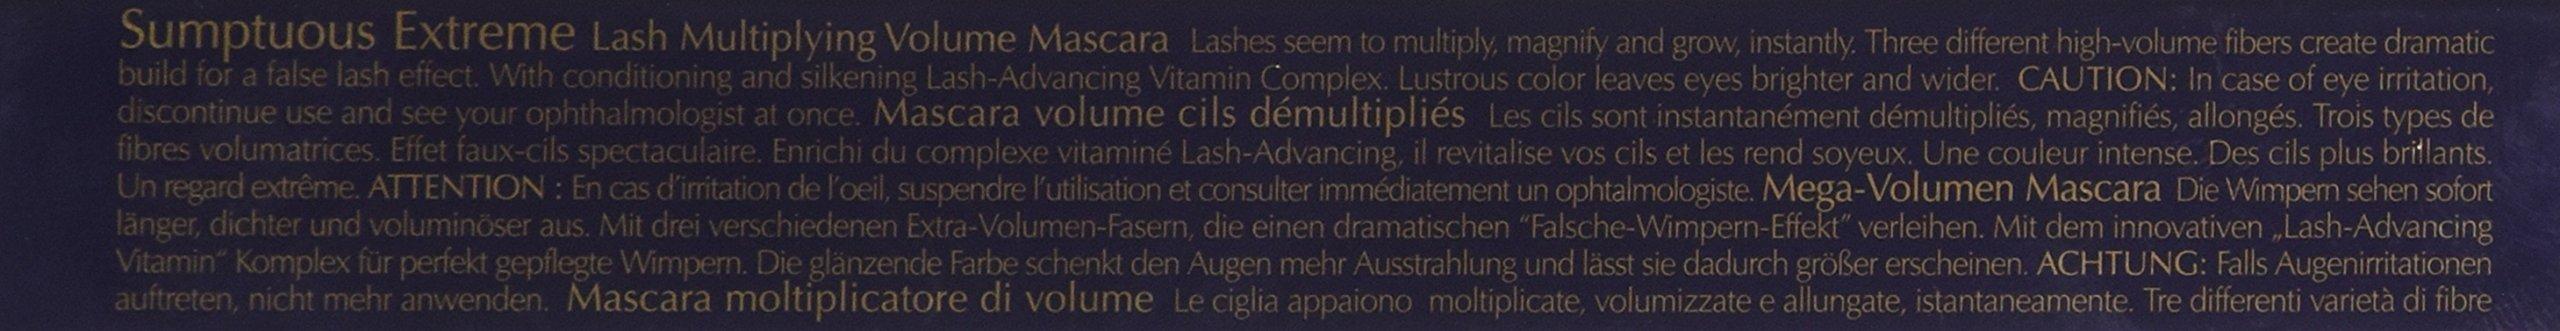 Estee Lauder 34752 – Mascara de pestañas